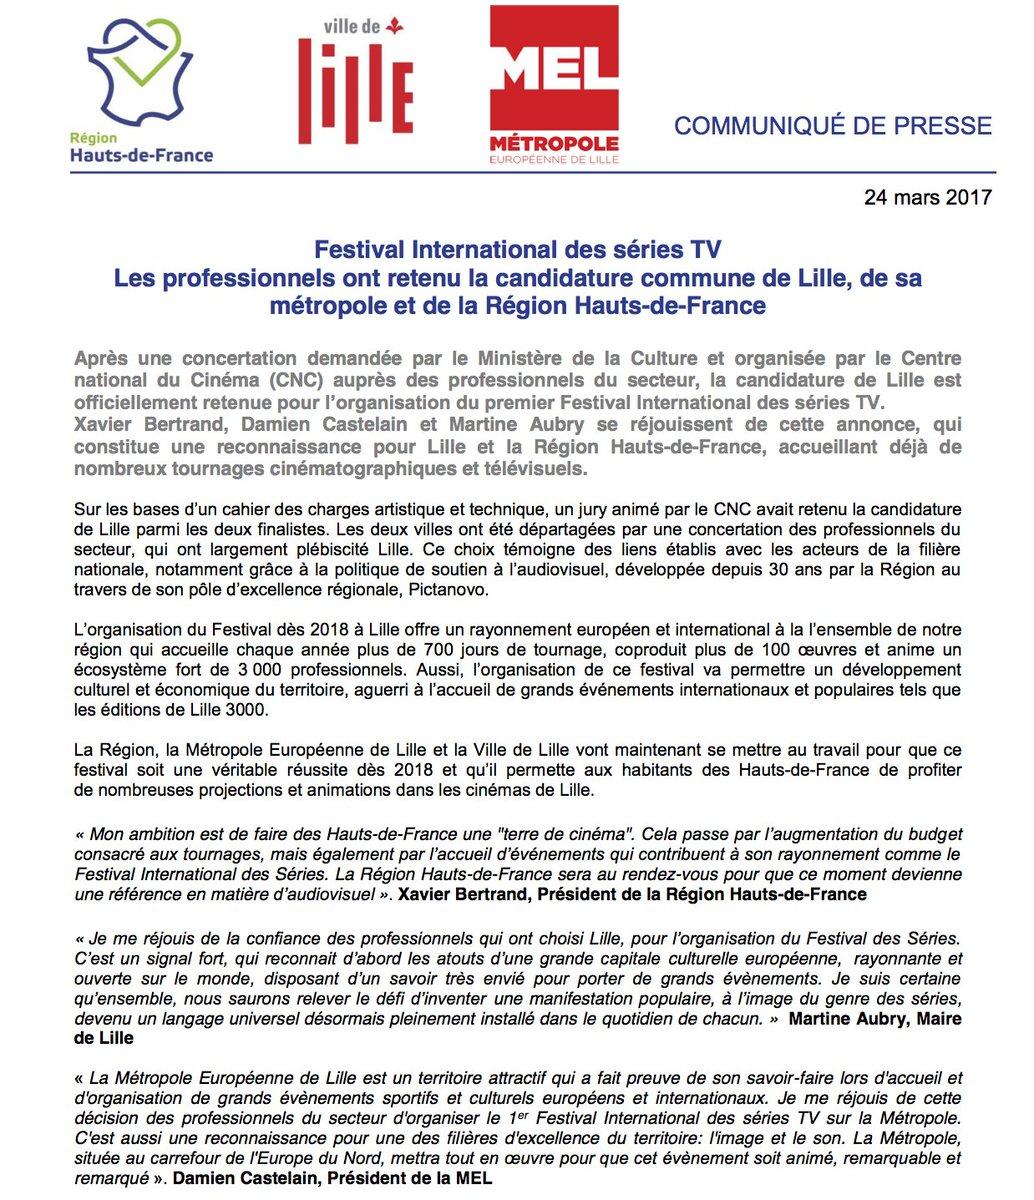 Le festival international des #séries TV aura lieu dans la Région @hautsdefrance ! Nos ambitions, ce n&#39;est pas que du #cinéma !<br>http://pic.twitter.com/SgjoR0UOPd